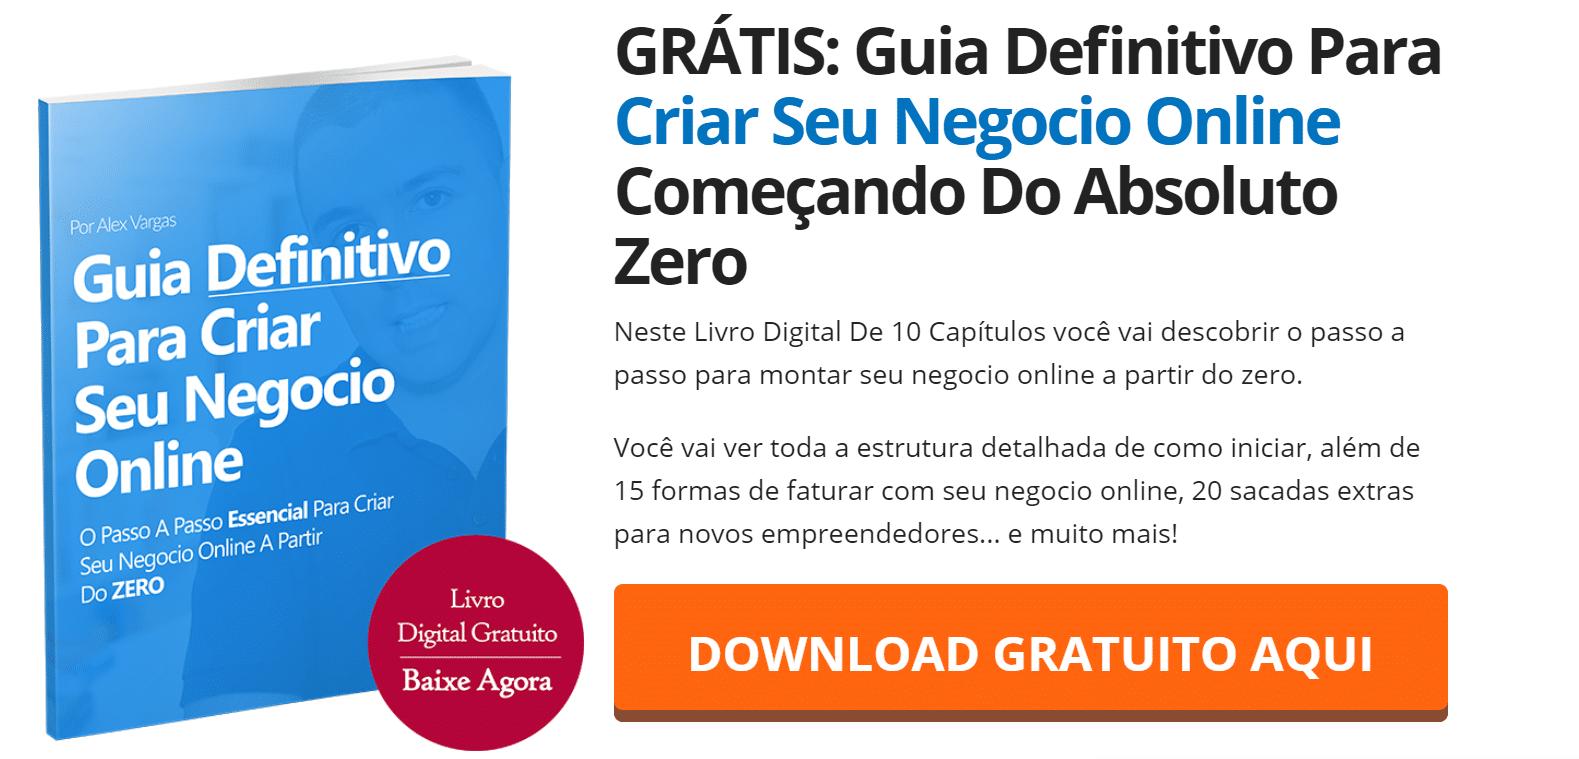 Grátis Guia definitivo para criar seu negócio online do zero